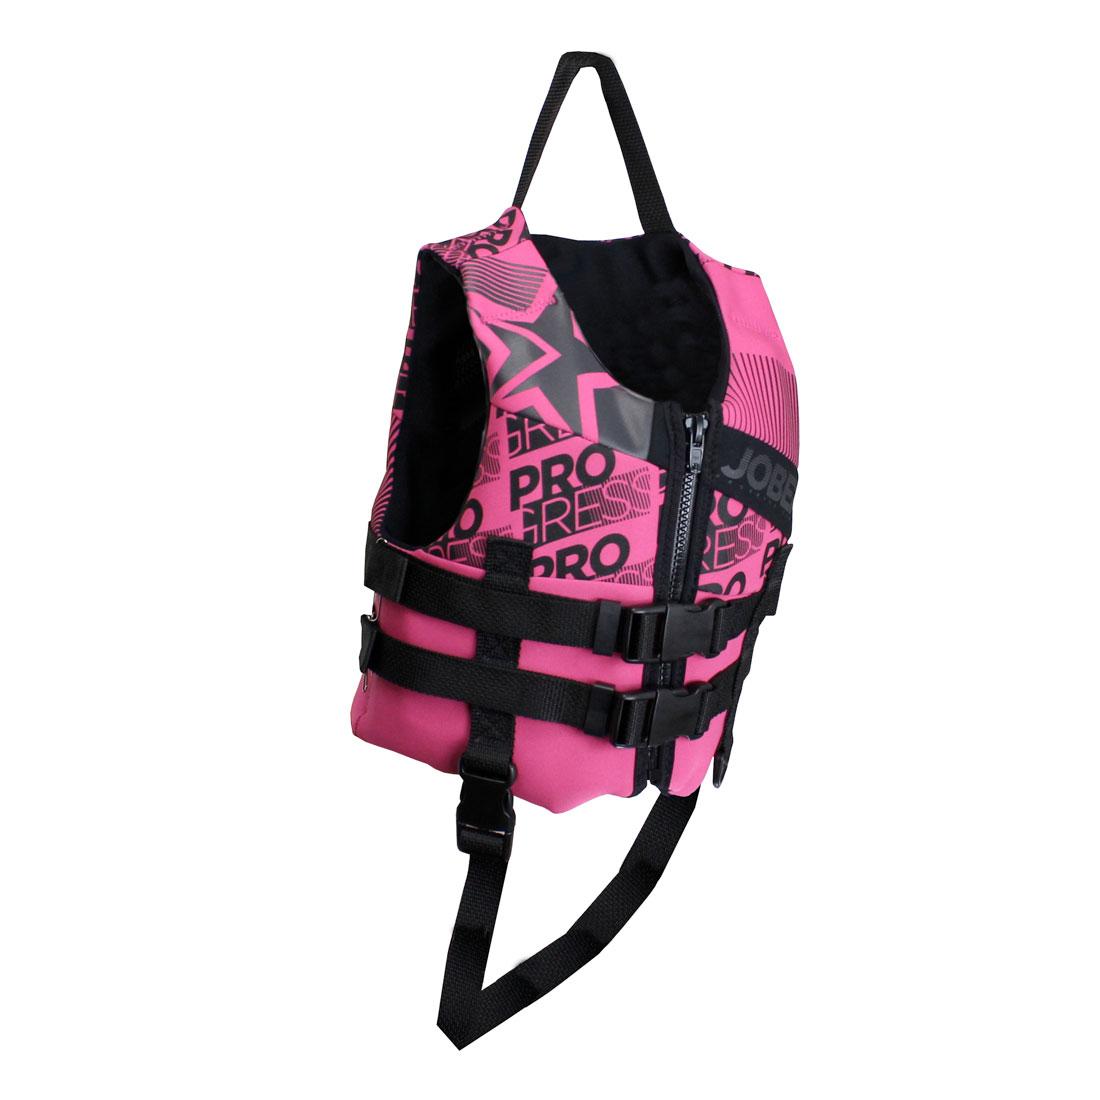 4630c69c26e Jobe Progress Kids Girls Neo – Twister Ski Shop